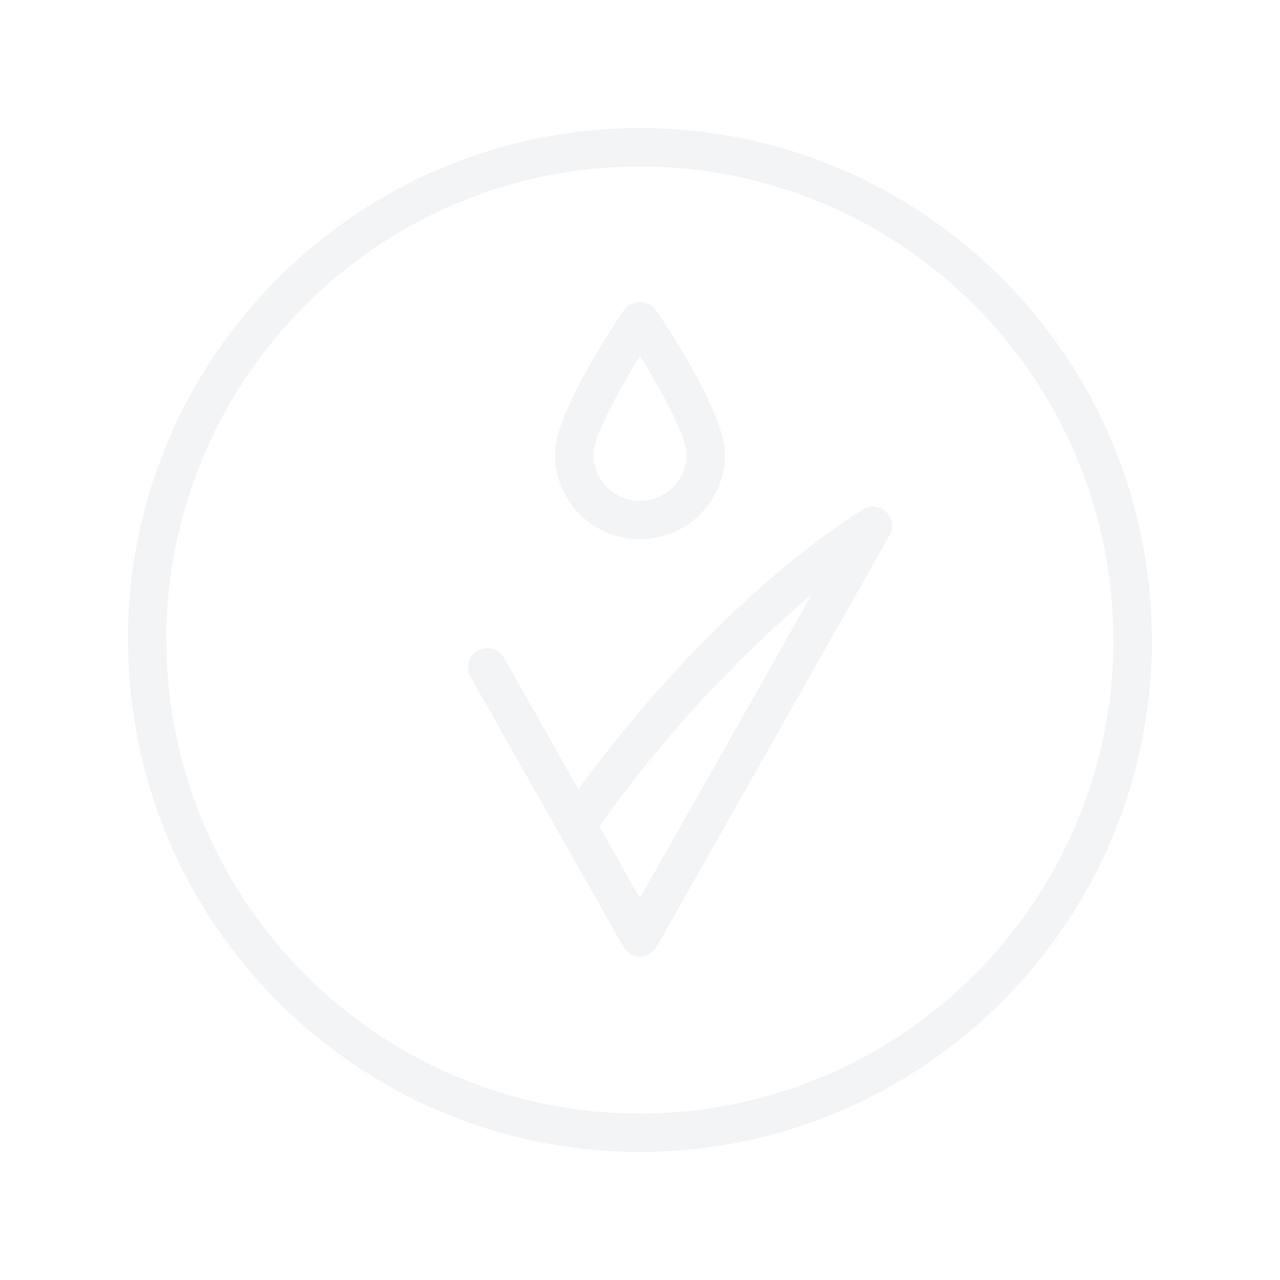 KNEIPP Soft Skin Almond Blossom Hand Cream